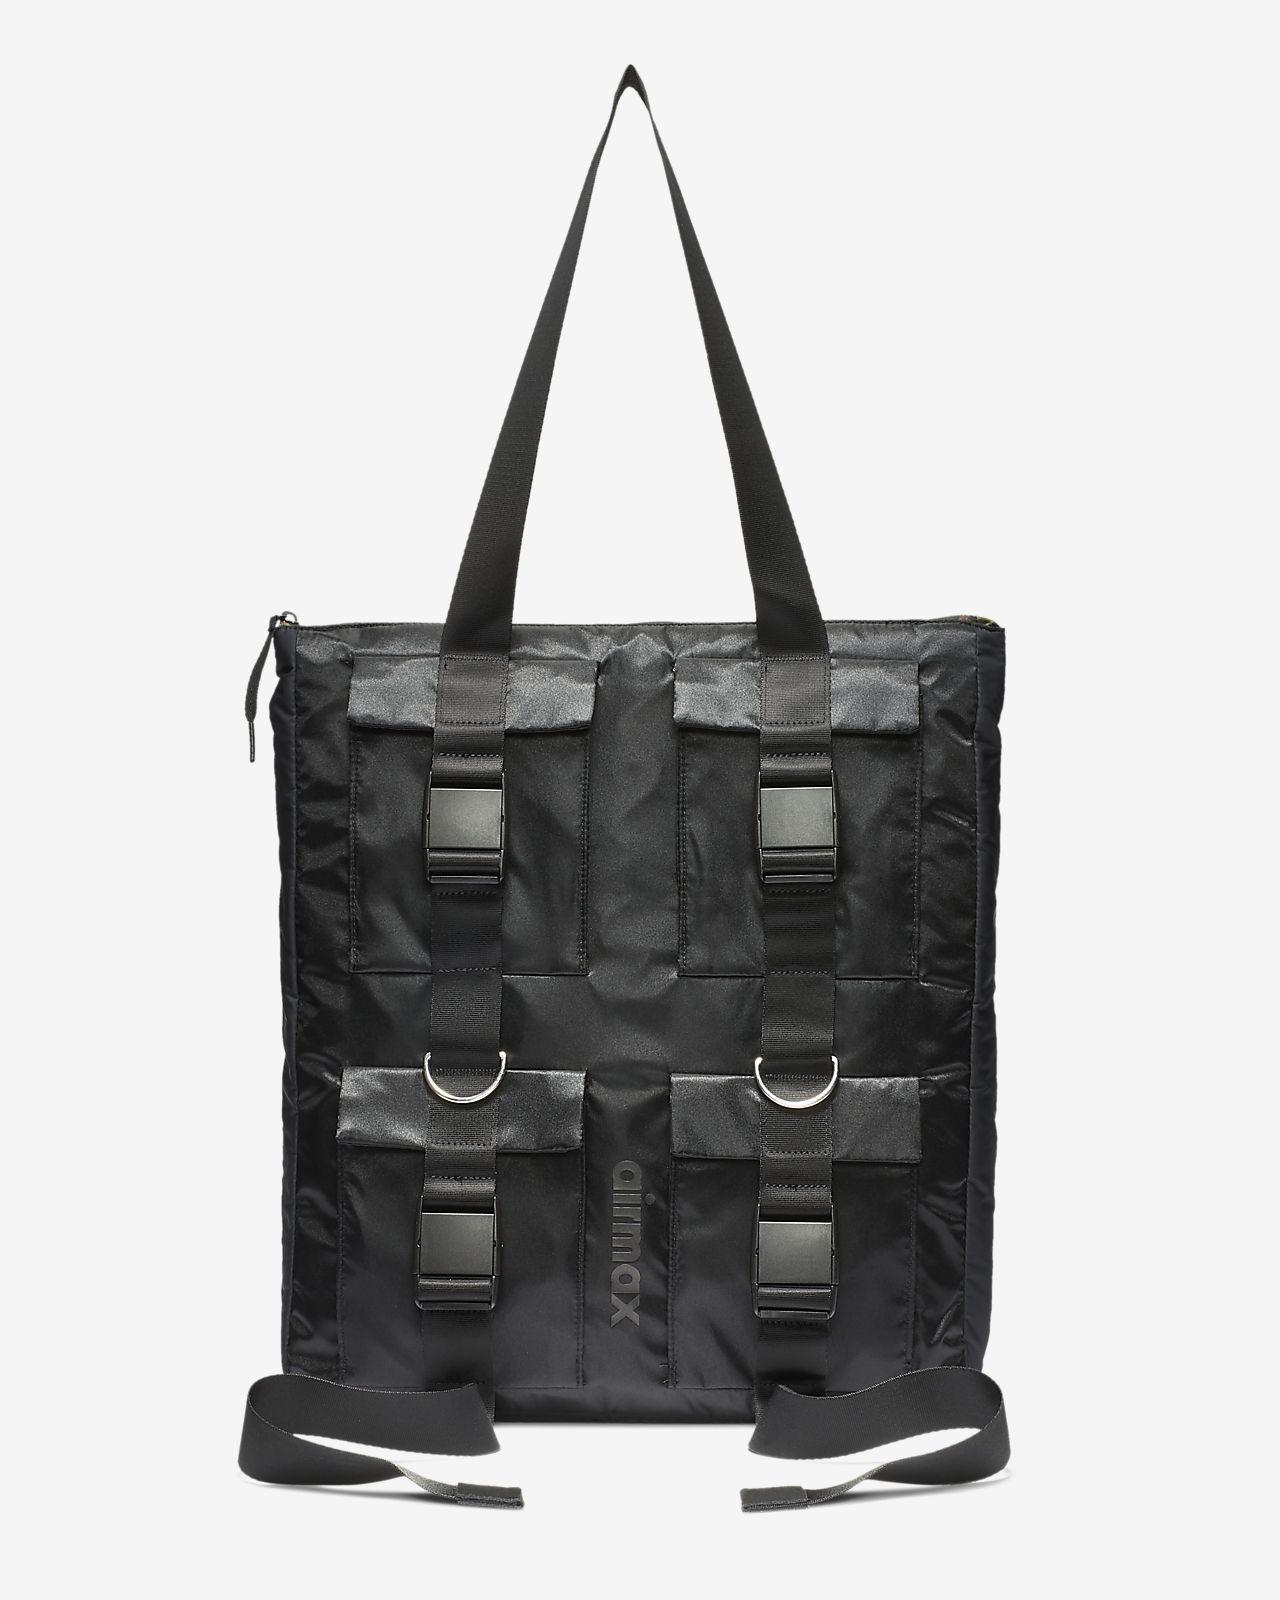 Nike Air Max Tote Bag